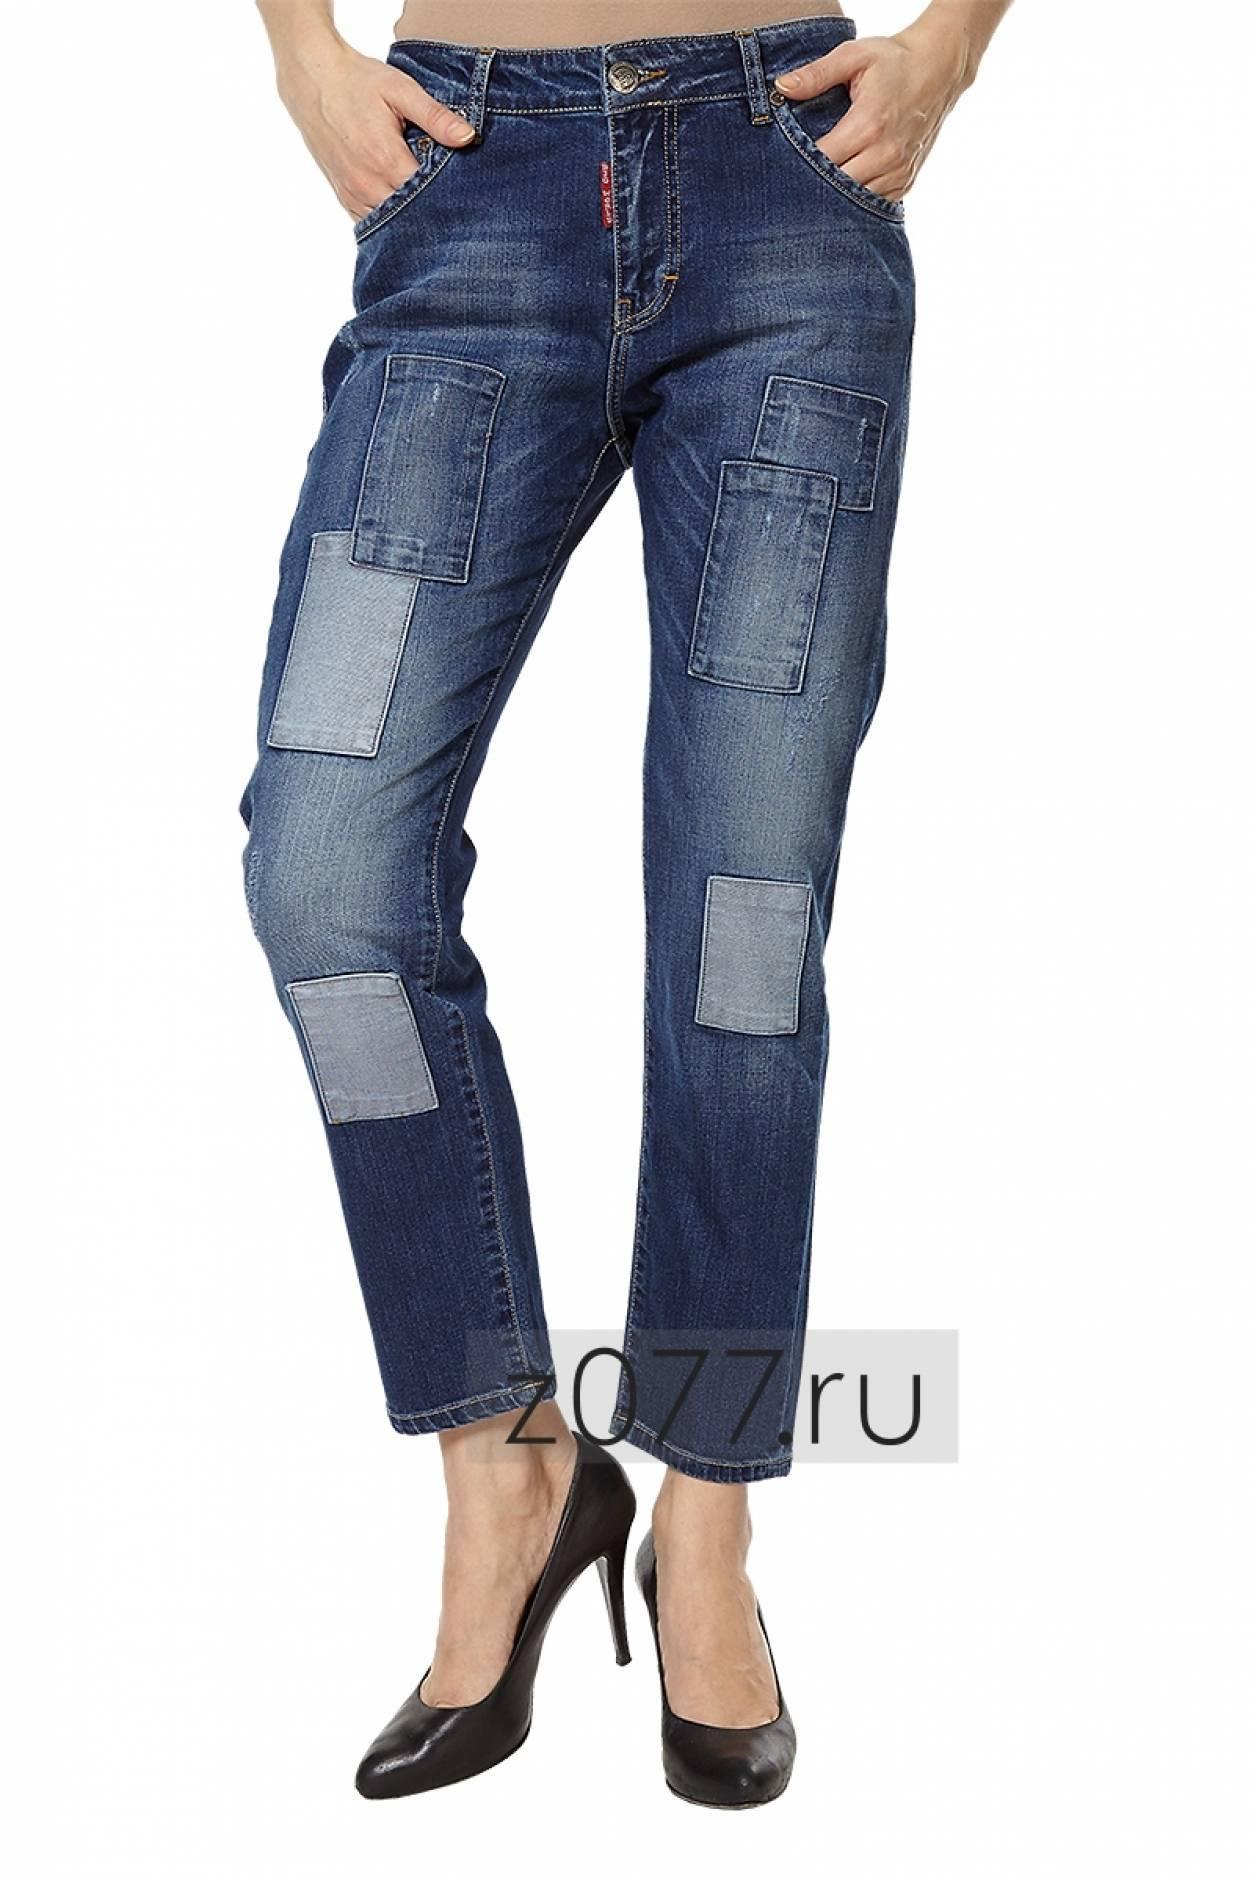 34317802d0a Купить джинсы женские с высокой посадкой в Москве — интернет-магазин z077.ru